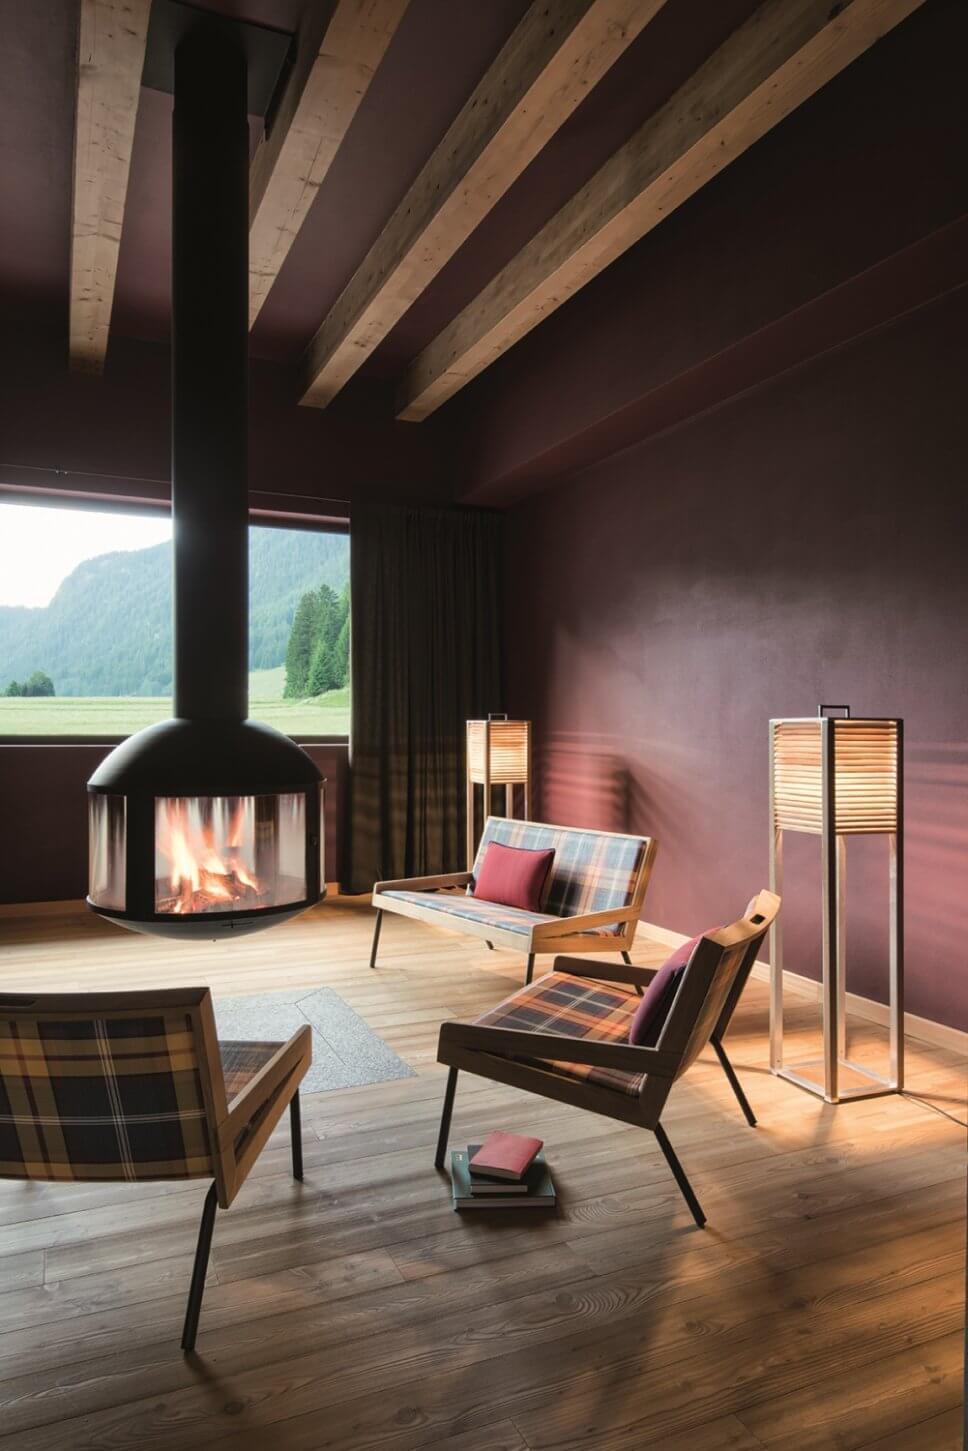 Mit Karostoff bezogenes Sofa und Sessel in modernem Wohnzimmer